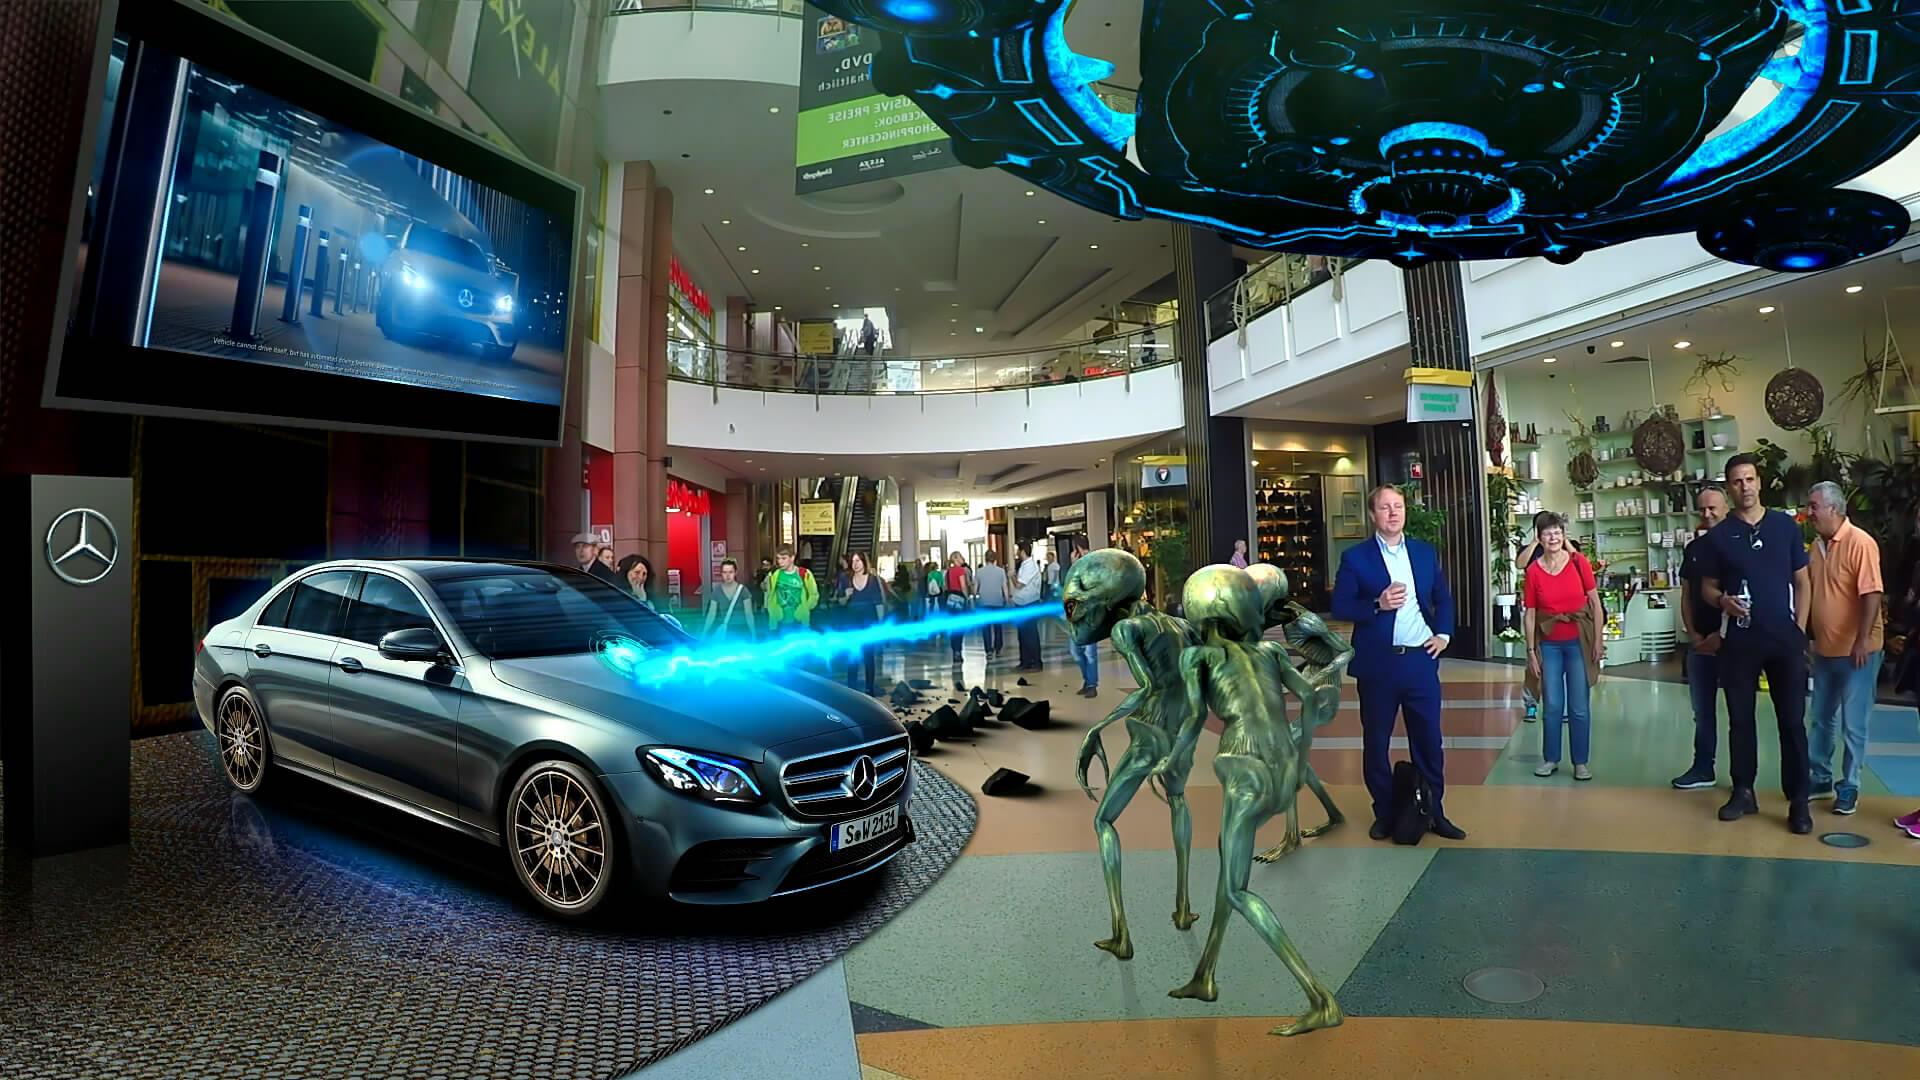 Durch Augmented Reality können Sie die reale Umgebung mit Ihre Marke oder Produkt verbinden.